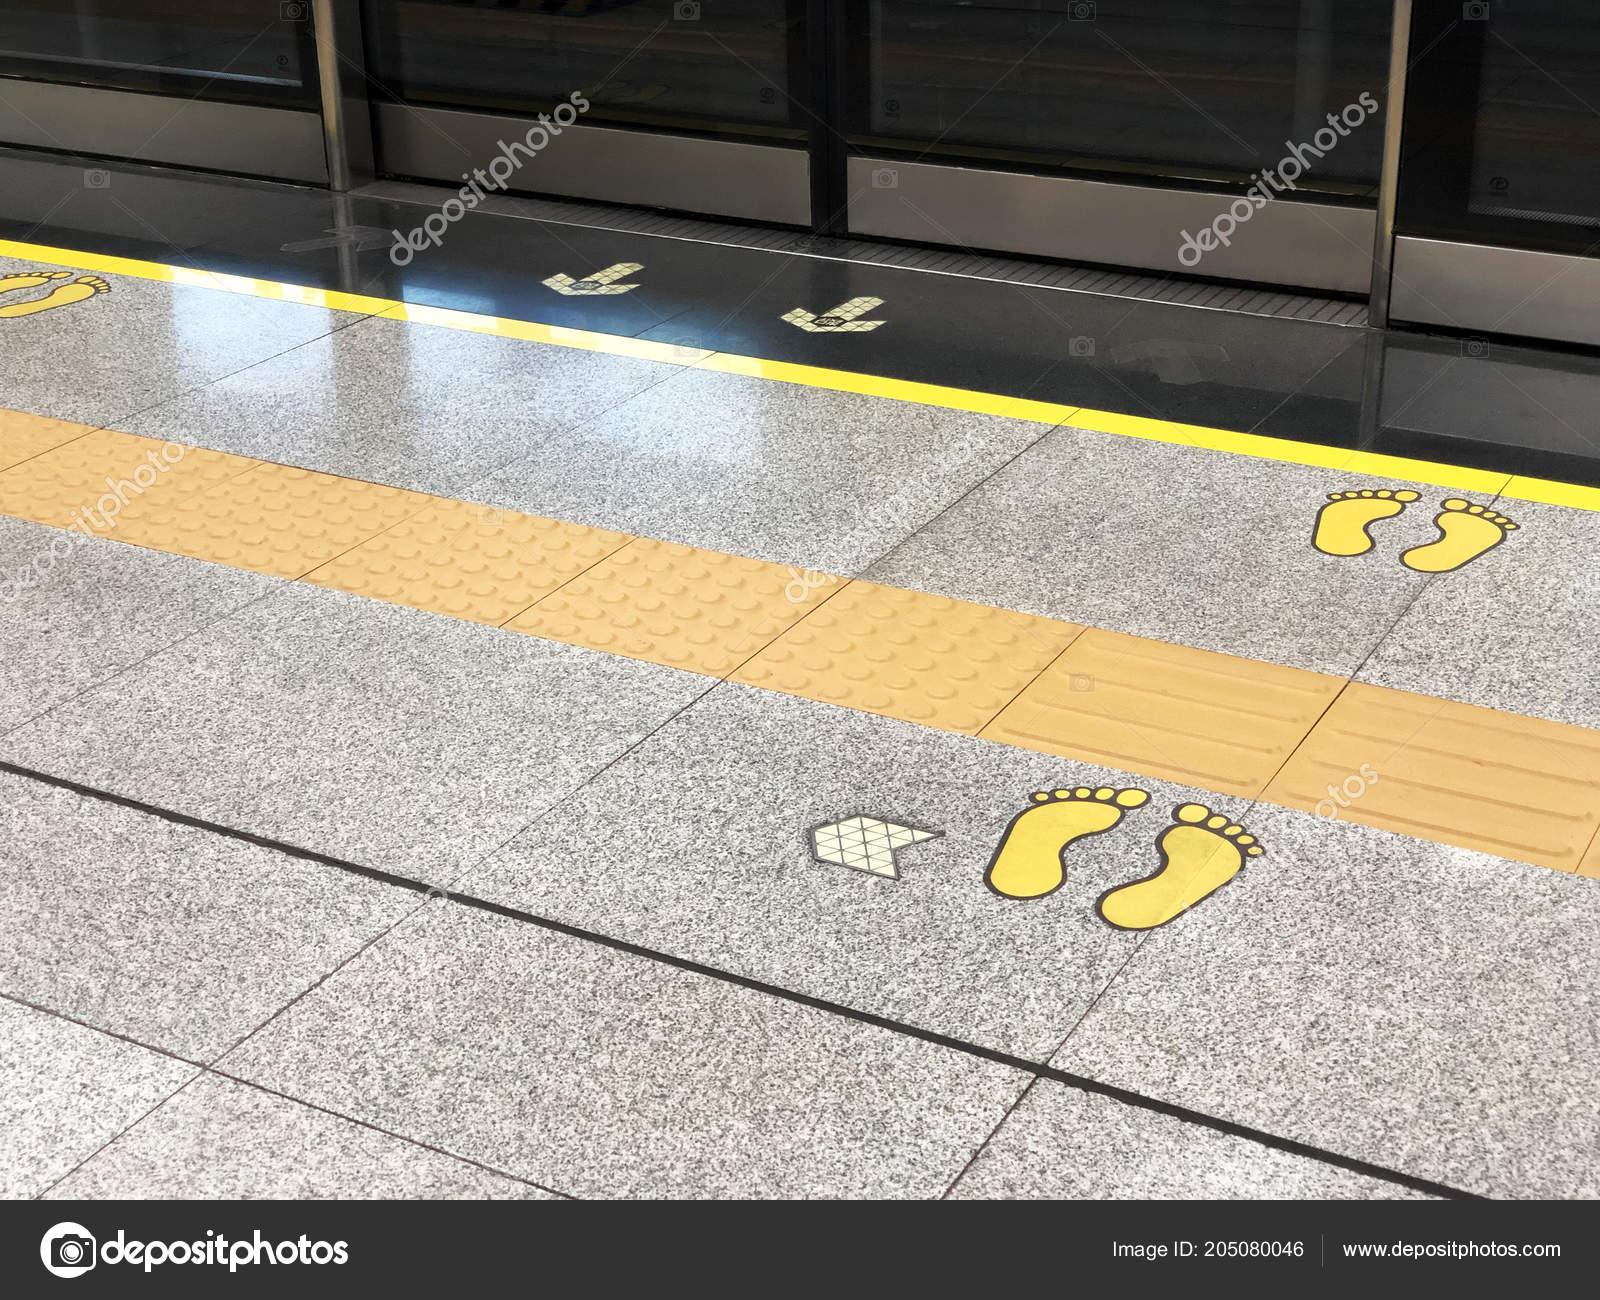 Footprint Floor Metro Station Platform